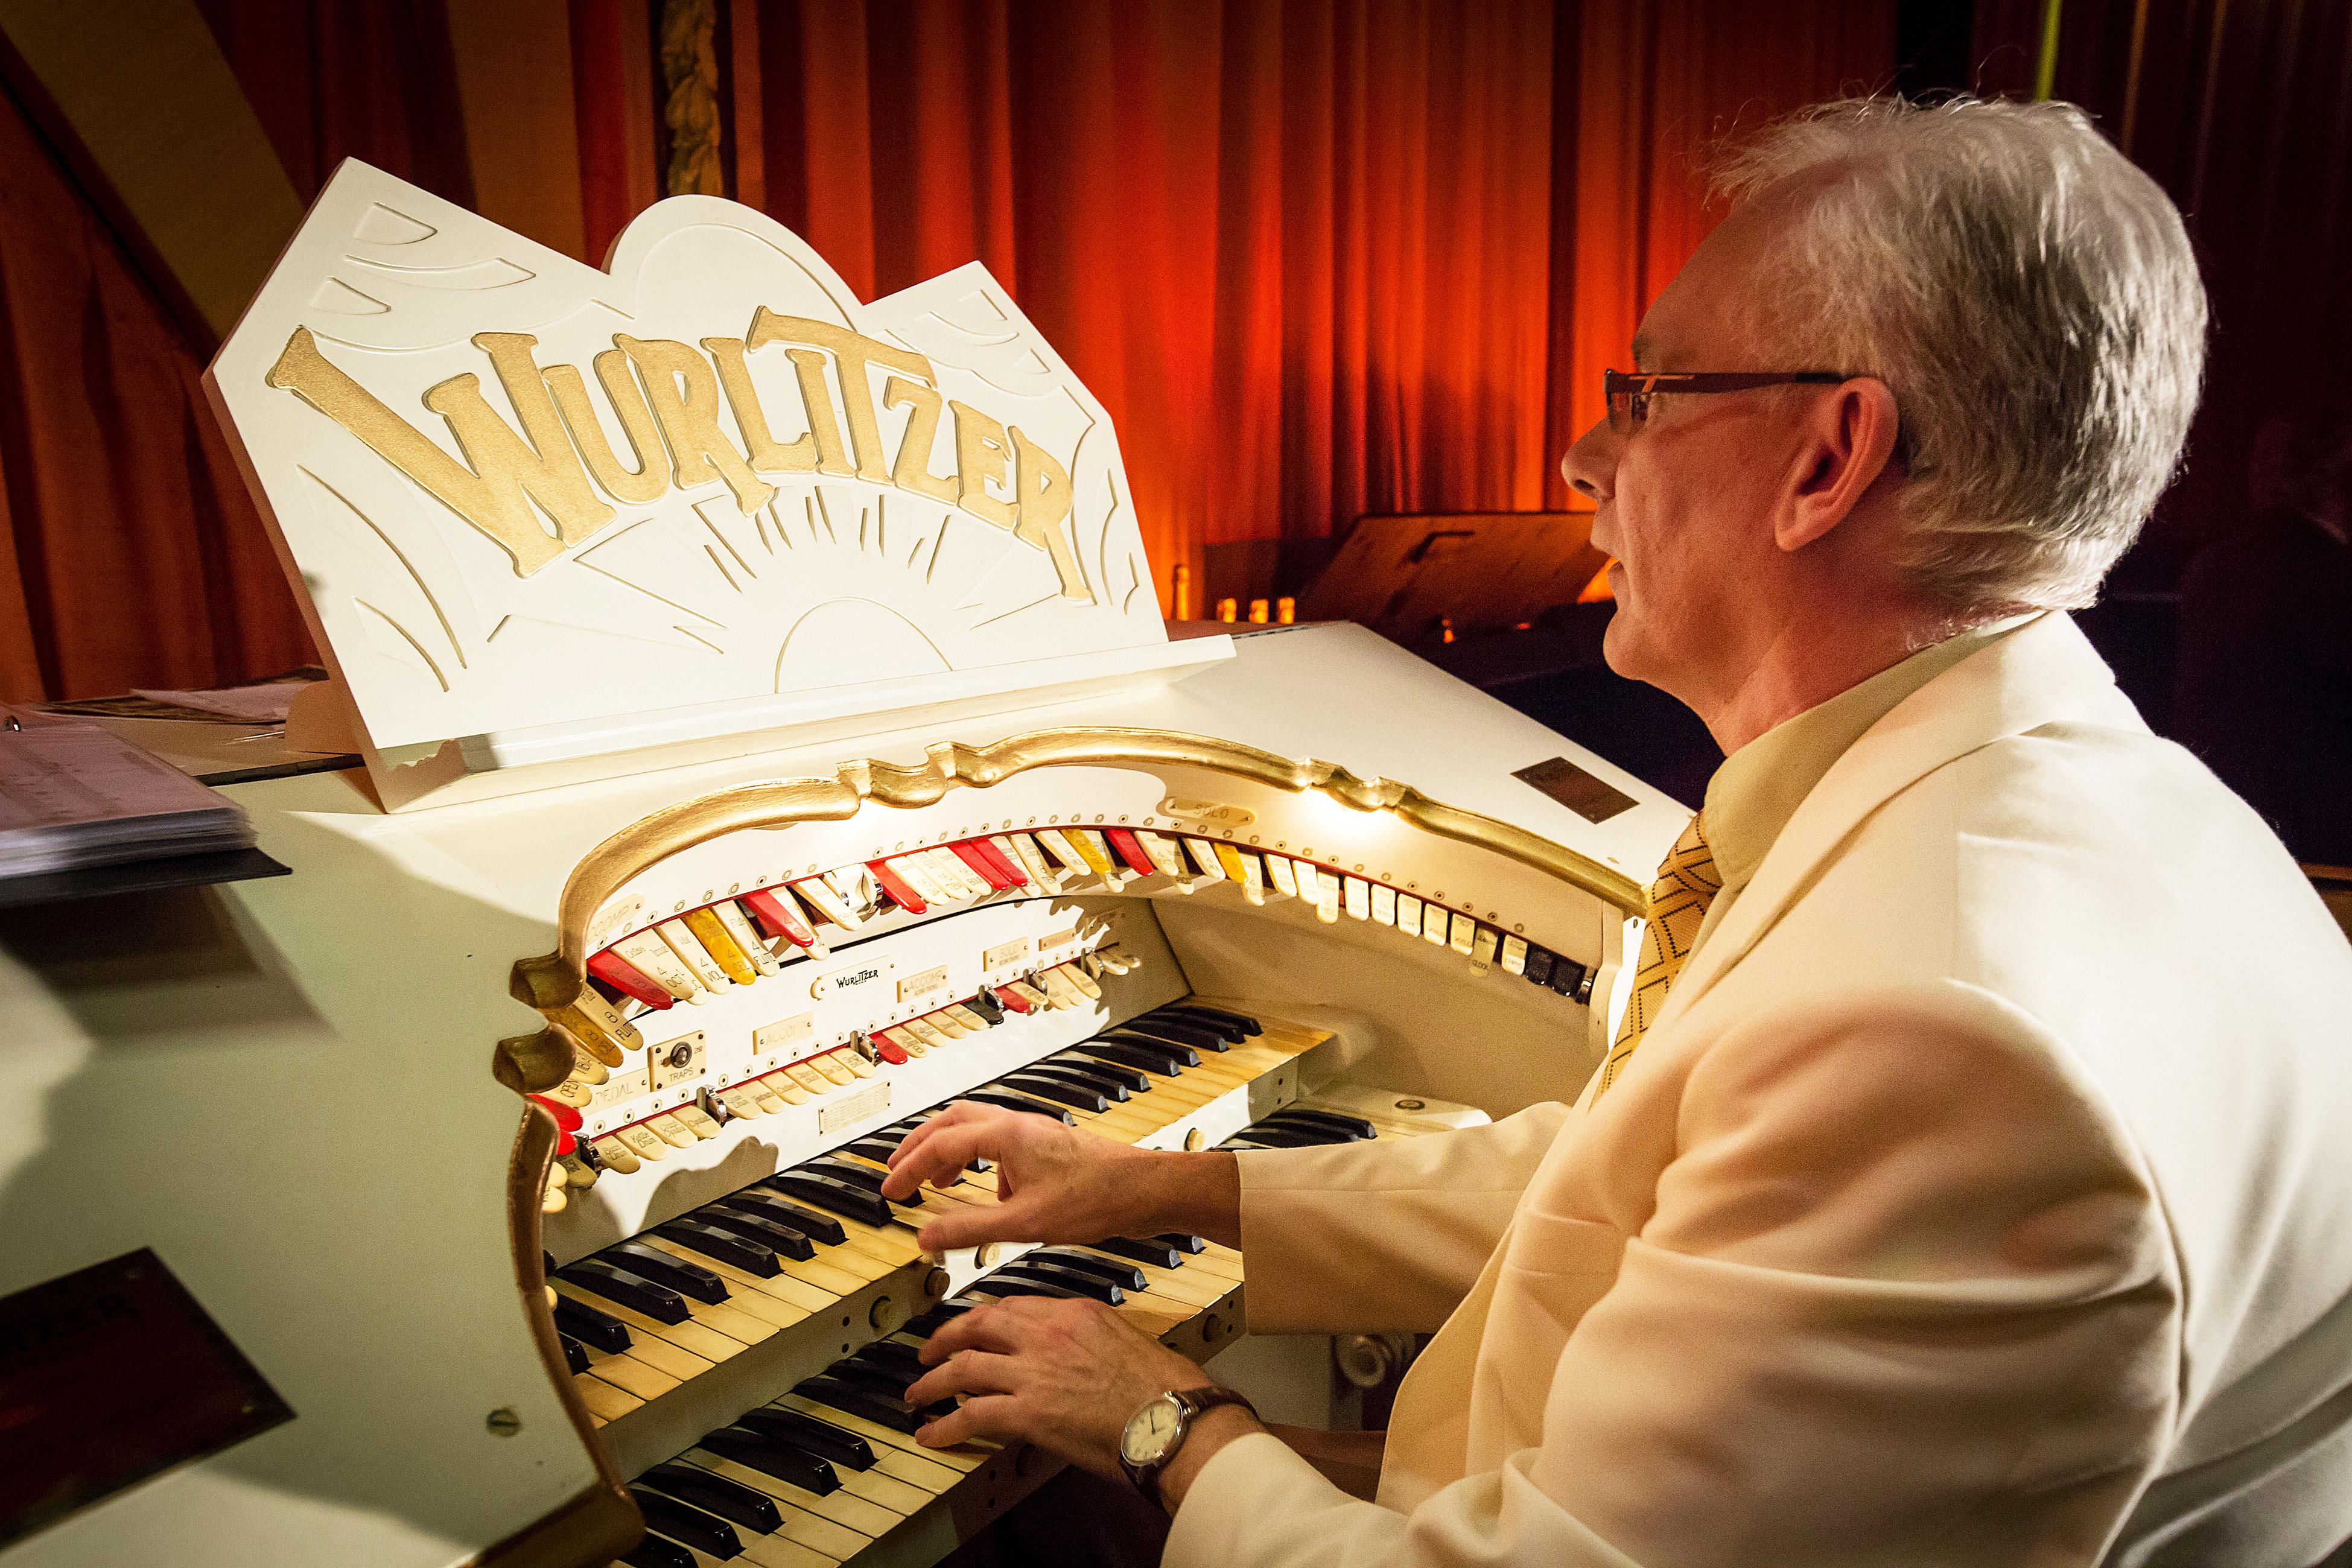 Skyjack hebt ikonische Wurlitzer-Orgel zu neuen Höhen